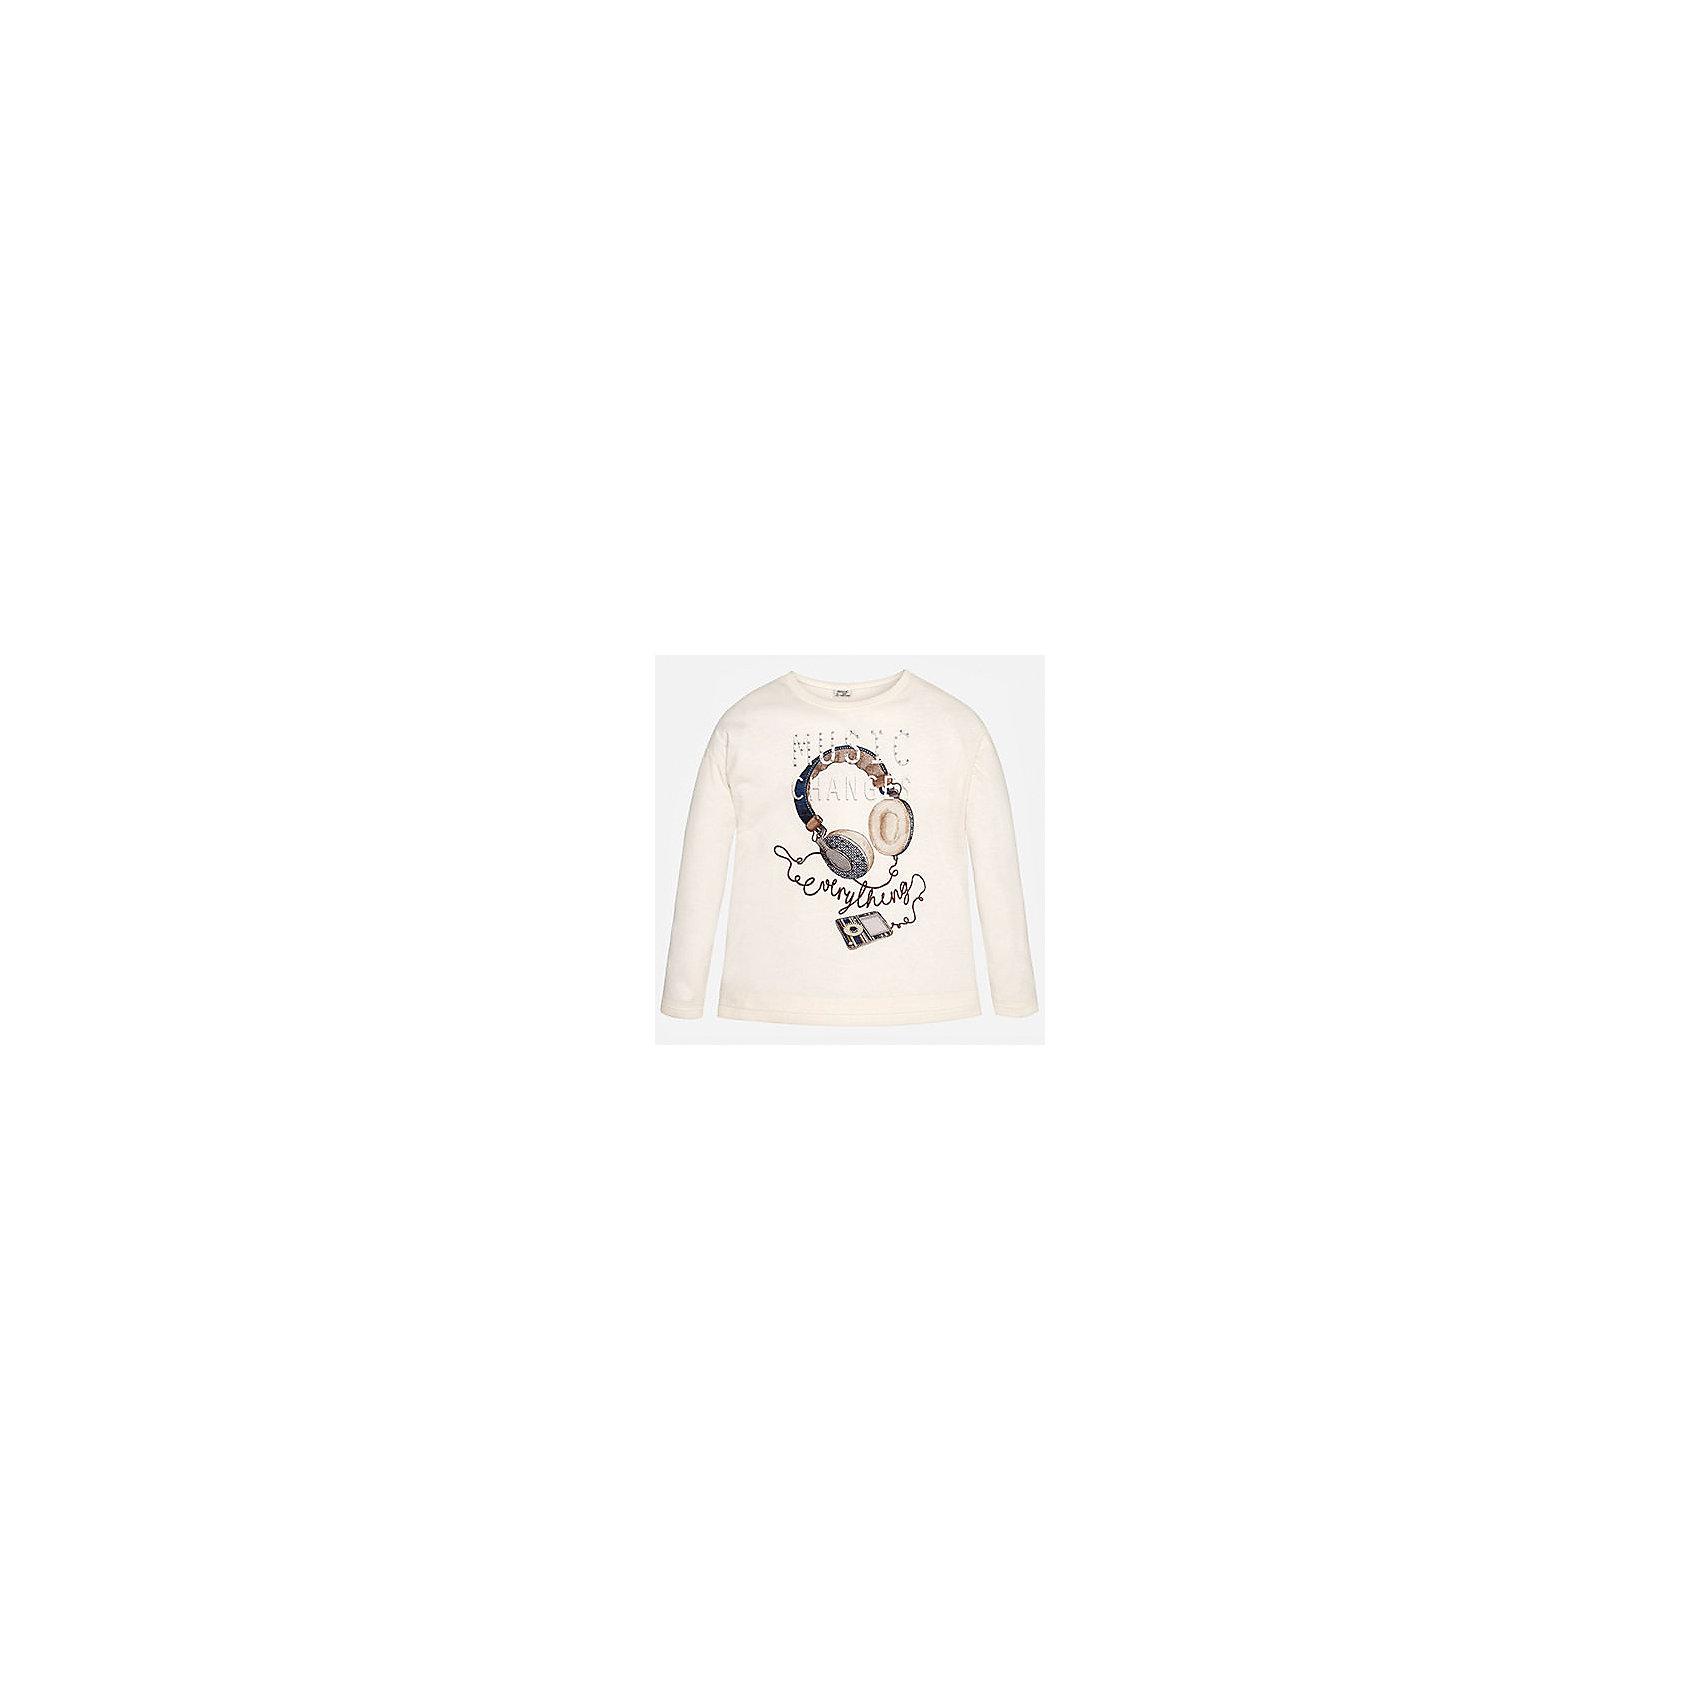 Футболка для девочки MayoralСовременная  футболка с длинным рукавом торговой марки    Майорал -Mayoral для девочек. Футболка с длинным рукавом, выполненная из хлопка и с добавлением полиэстера, декорирована принтом с изображением молодежных гатжетов. Резинка на подоле, воротнике и манжетах. В такой футболке Ваша девочка необычайно модной.<br><br>Дополнительная информация: <br><br>- цвет: молочный<br>- состав: хлопок 50%,  полиэстер:50%<br>- фактура материала: текстильный<br>- тип карманов: без карманов<br>- уход за вещами: бережная стирка при 30 градусах<br>- рисунок: с рисунком<br>- назначение: повседневная<br>- сезон: круглогодичный<br>- пол: девочки<br>- страна бренда: Испания<br>- комплектация: футболка<br><br>Футболку для девочки торговой марки Mayoral можно купить в нашем интернет-магазине.<br>Современная  футболка с длинным рукавом торговой марки    Майорал -Mayoral для девочек. Футболка с длинным рукавом, выполненная из хлопка и с добавлением полиэстера, декорирована принтом с изображением молодежных гатжетов. Резинка на подоле, воротнике и манжетах. В такой футболке Ваша девочка необычайно модной.<br><br>Дополнительная информация: <br><br>- цвет: молочный<br>- состав: хлопок 50%,  полиэстер:50%<br>- фактура материала: текстильный<br>- тип карманов: без карманов<br>- уход за вещами: бережная стирка при 30 градусах<br>- рисунок: с рисунком<br>- назначение: повседневная<br>- сезон: круглогодичный<br>- пол: девочки<br>- страна бренда: Испания<br>- комплектация: футболка<br><br>Футболку для девочки торговой марки Mayoral можно купить в нашем интернет-магазине.<br><br>Ширина мм: 199<br>Глубина мм: 10<br>Высота мм: 161<br>Вес г: 151<br>Цвет: белый<br>Возраст от месяцев: 132<br>Возраст до месяцев: 144<br>Пол: Женский<br>Возраст: Детский<br>Размер: 134/140,158/164,152/158,164/170,146/152,128/134<br>SKU: 4847082